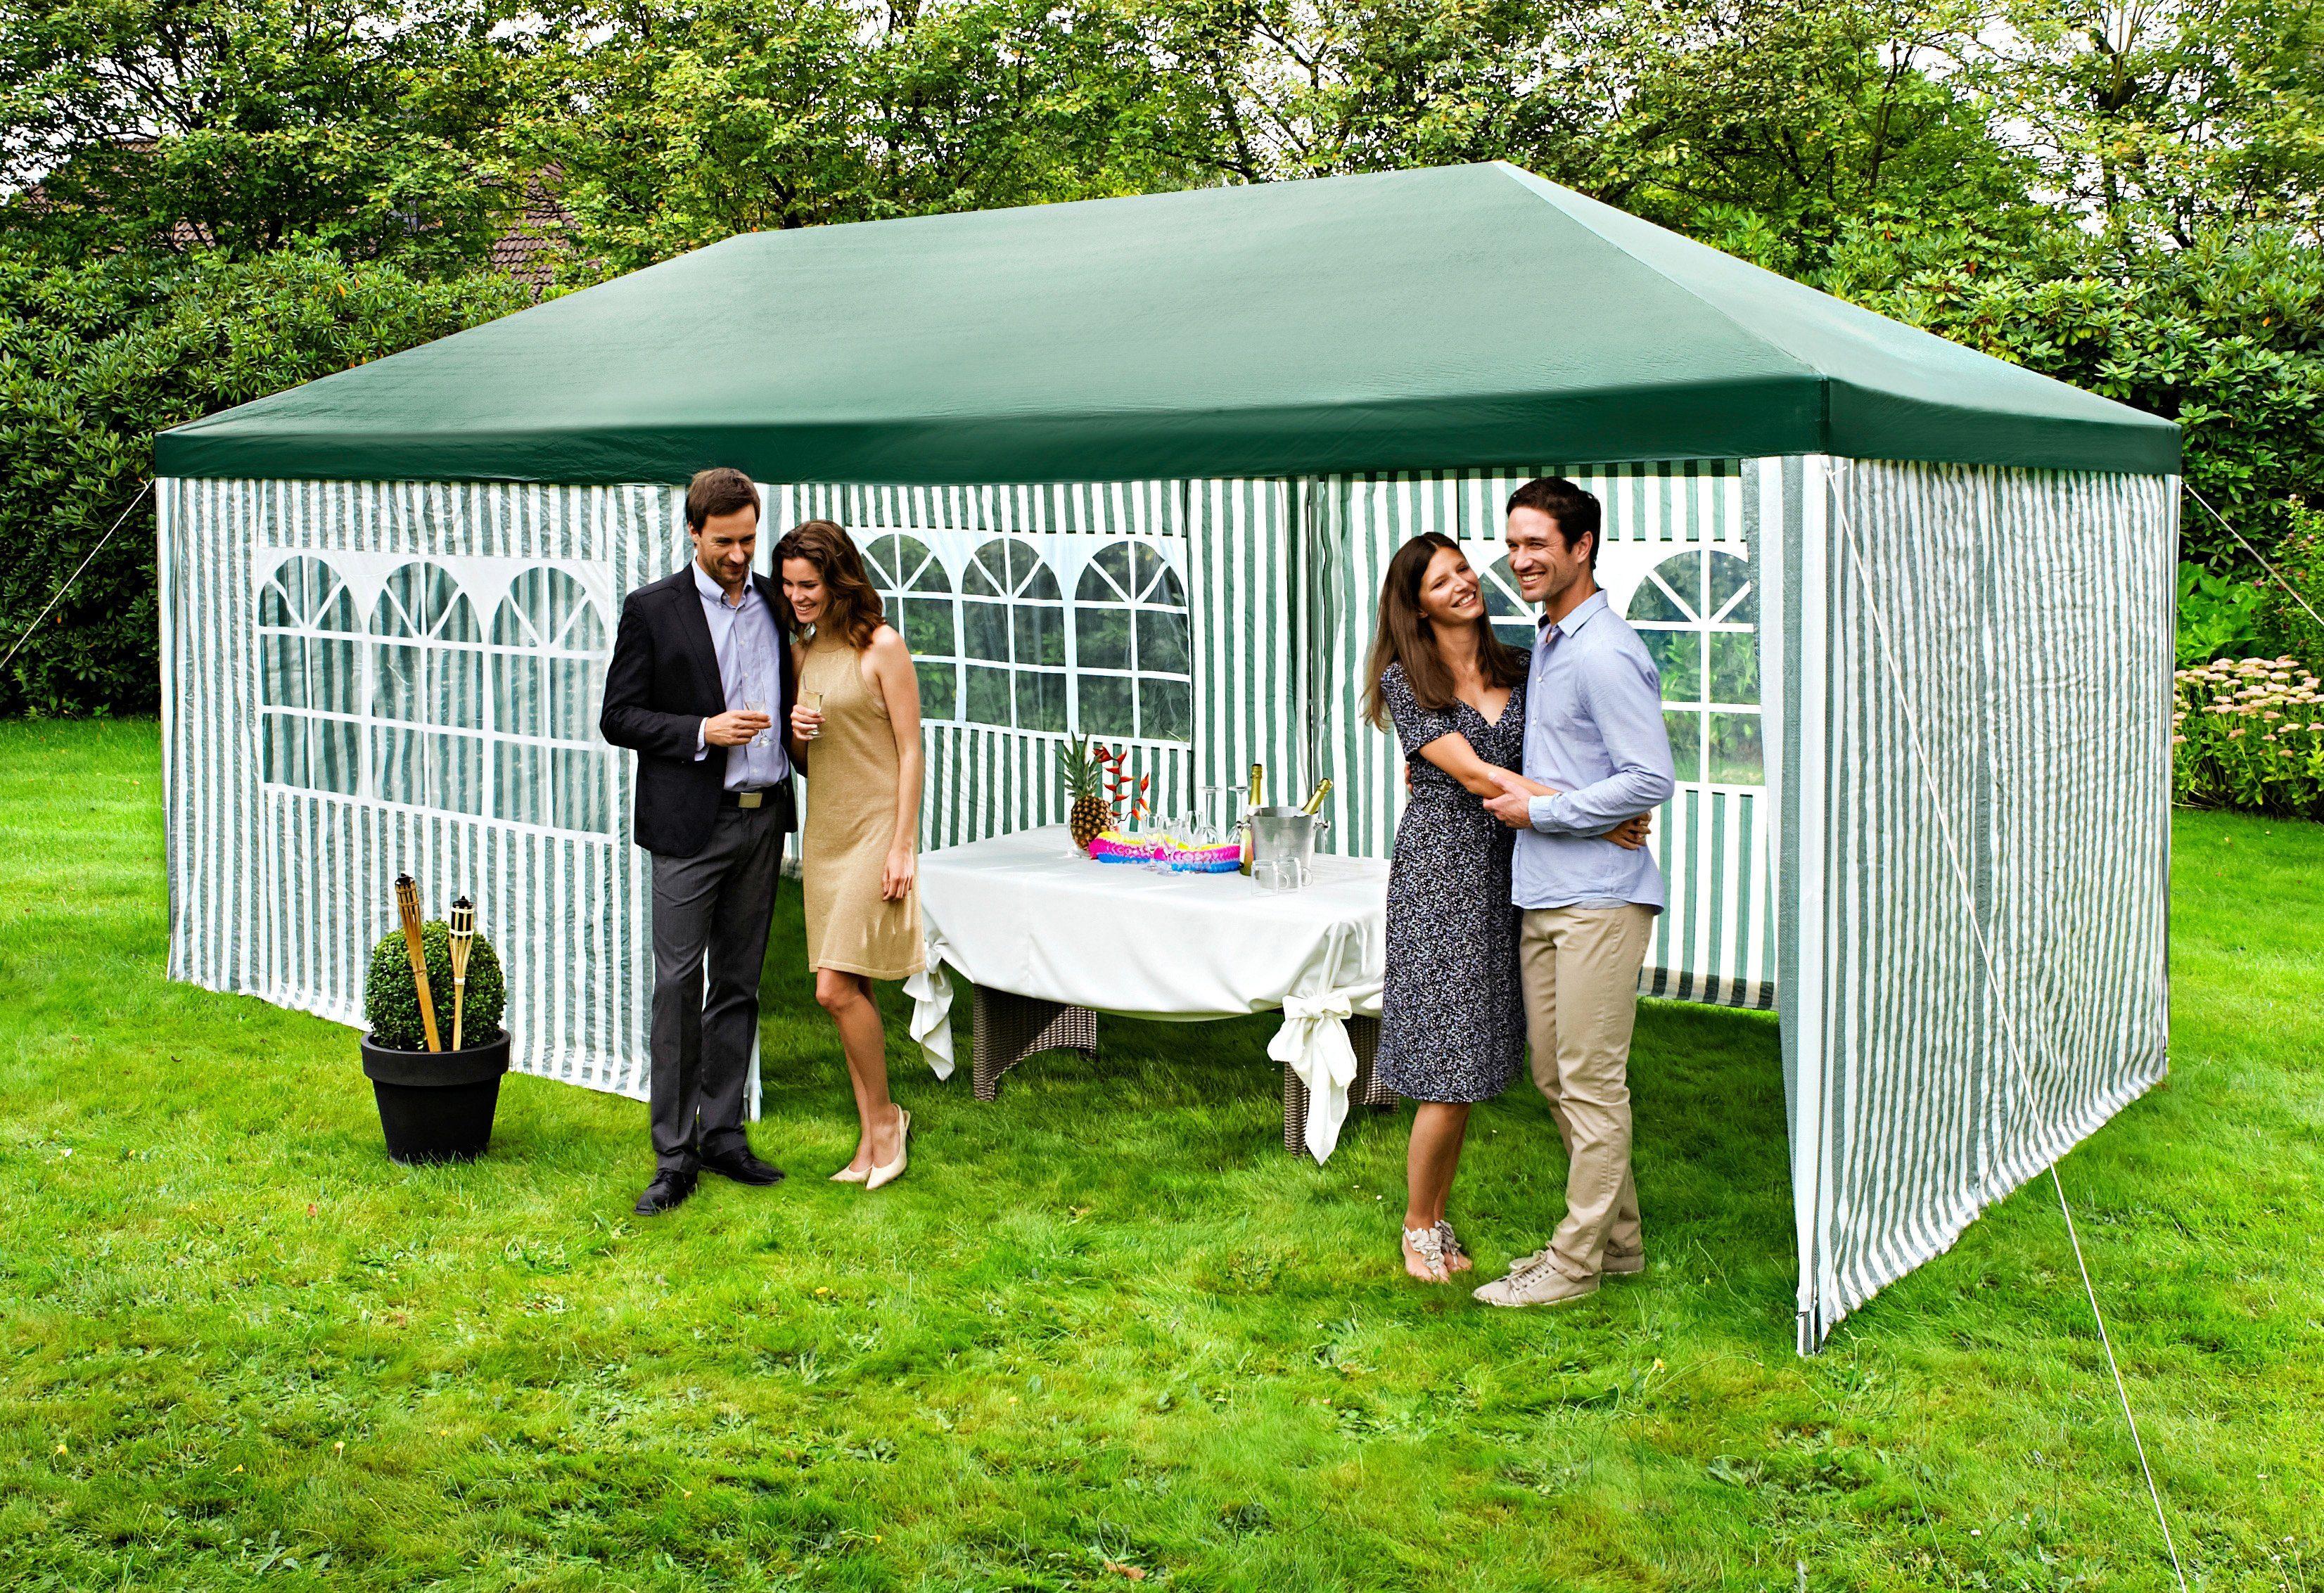 Pavillons Online Kaufen In 3x3 3x4 3x6 4x4 & Rund OTTO